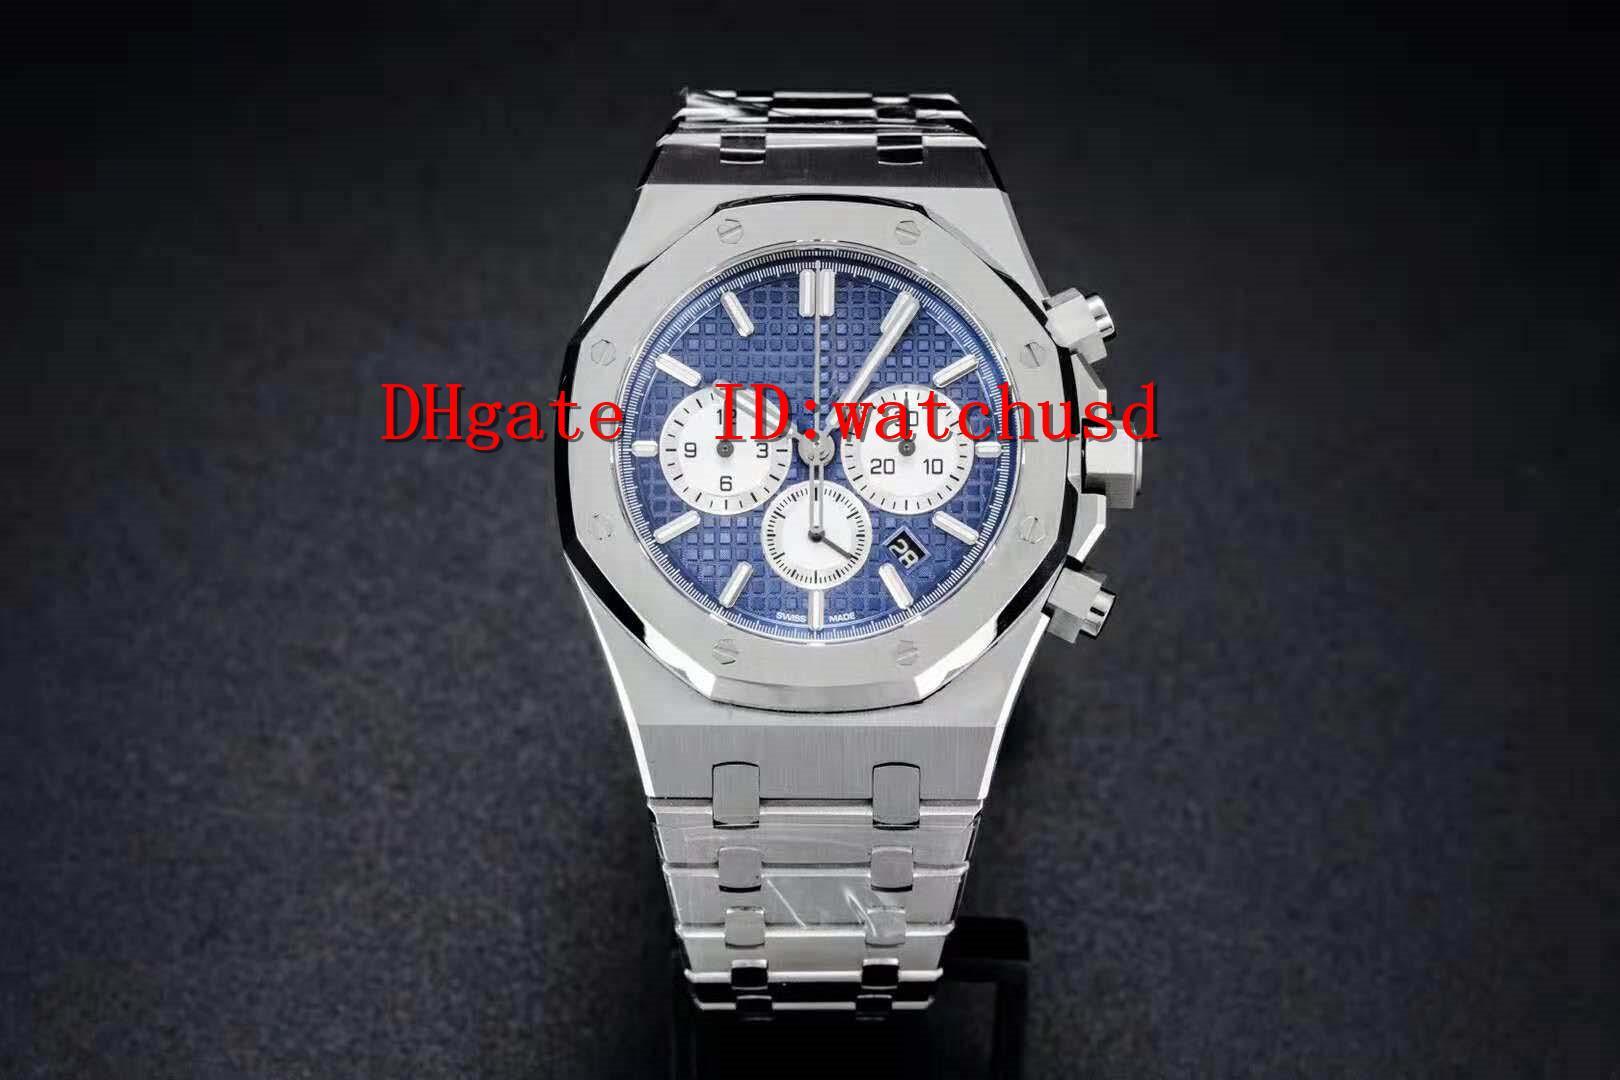 OM Fábrica ROYAL OAK Relógio de luxo 26331 Casual Assista Aço Inoxidável Relógios Sapphire 2385 cronógrafo automático mecânico sólido caso de volta